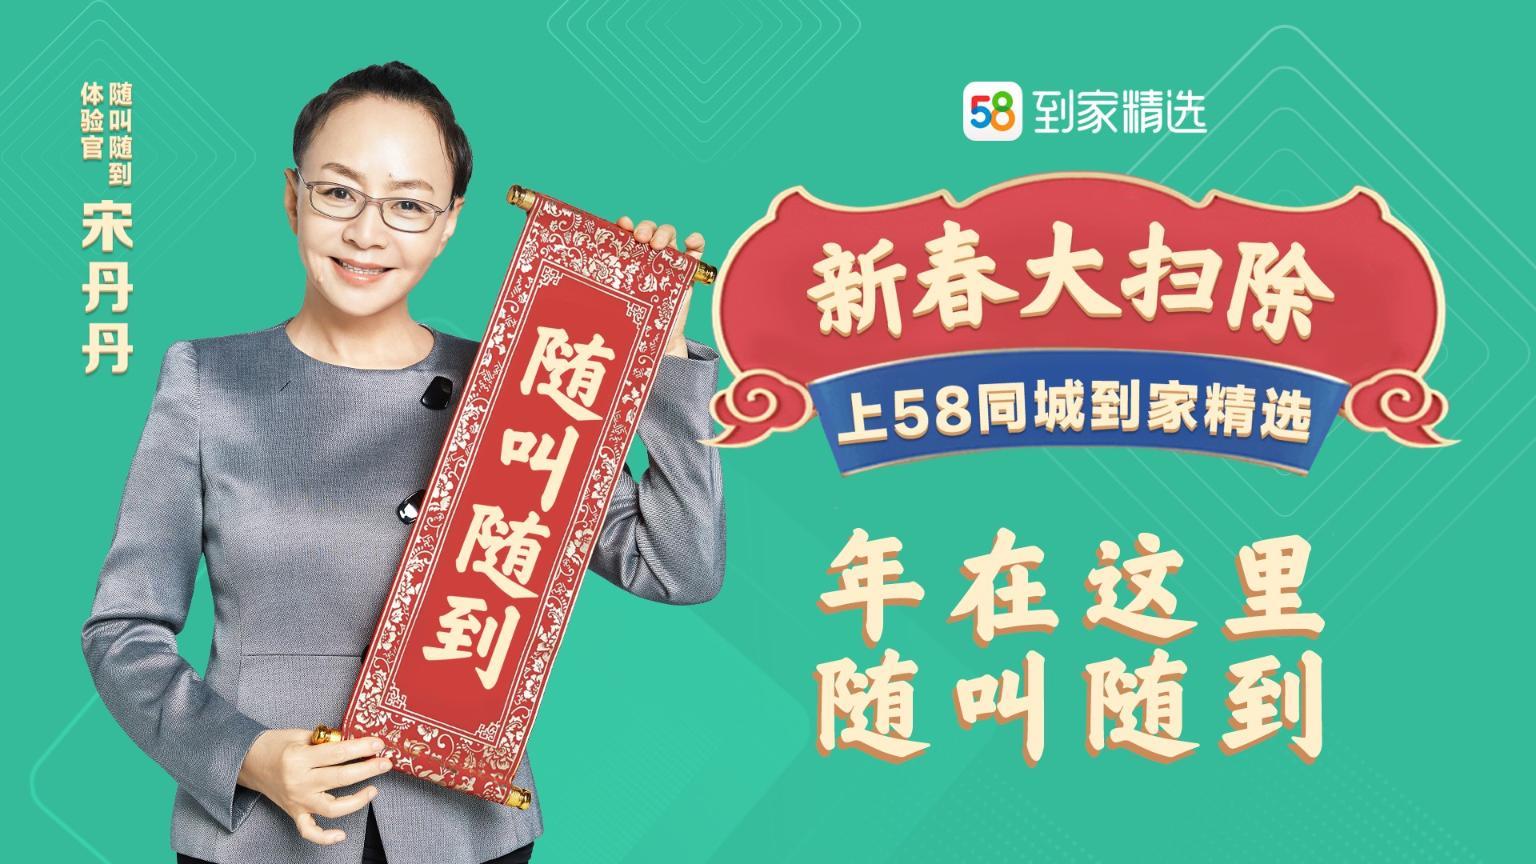 58同城到家精选发布《春节家政消费报告》:春节期间订单量同比增长57%